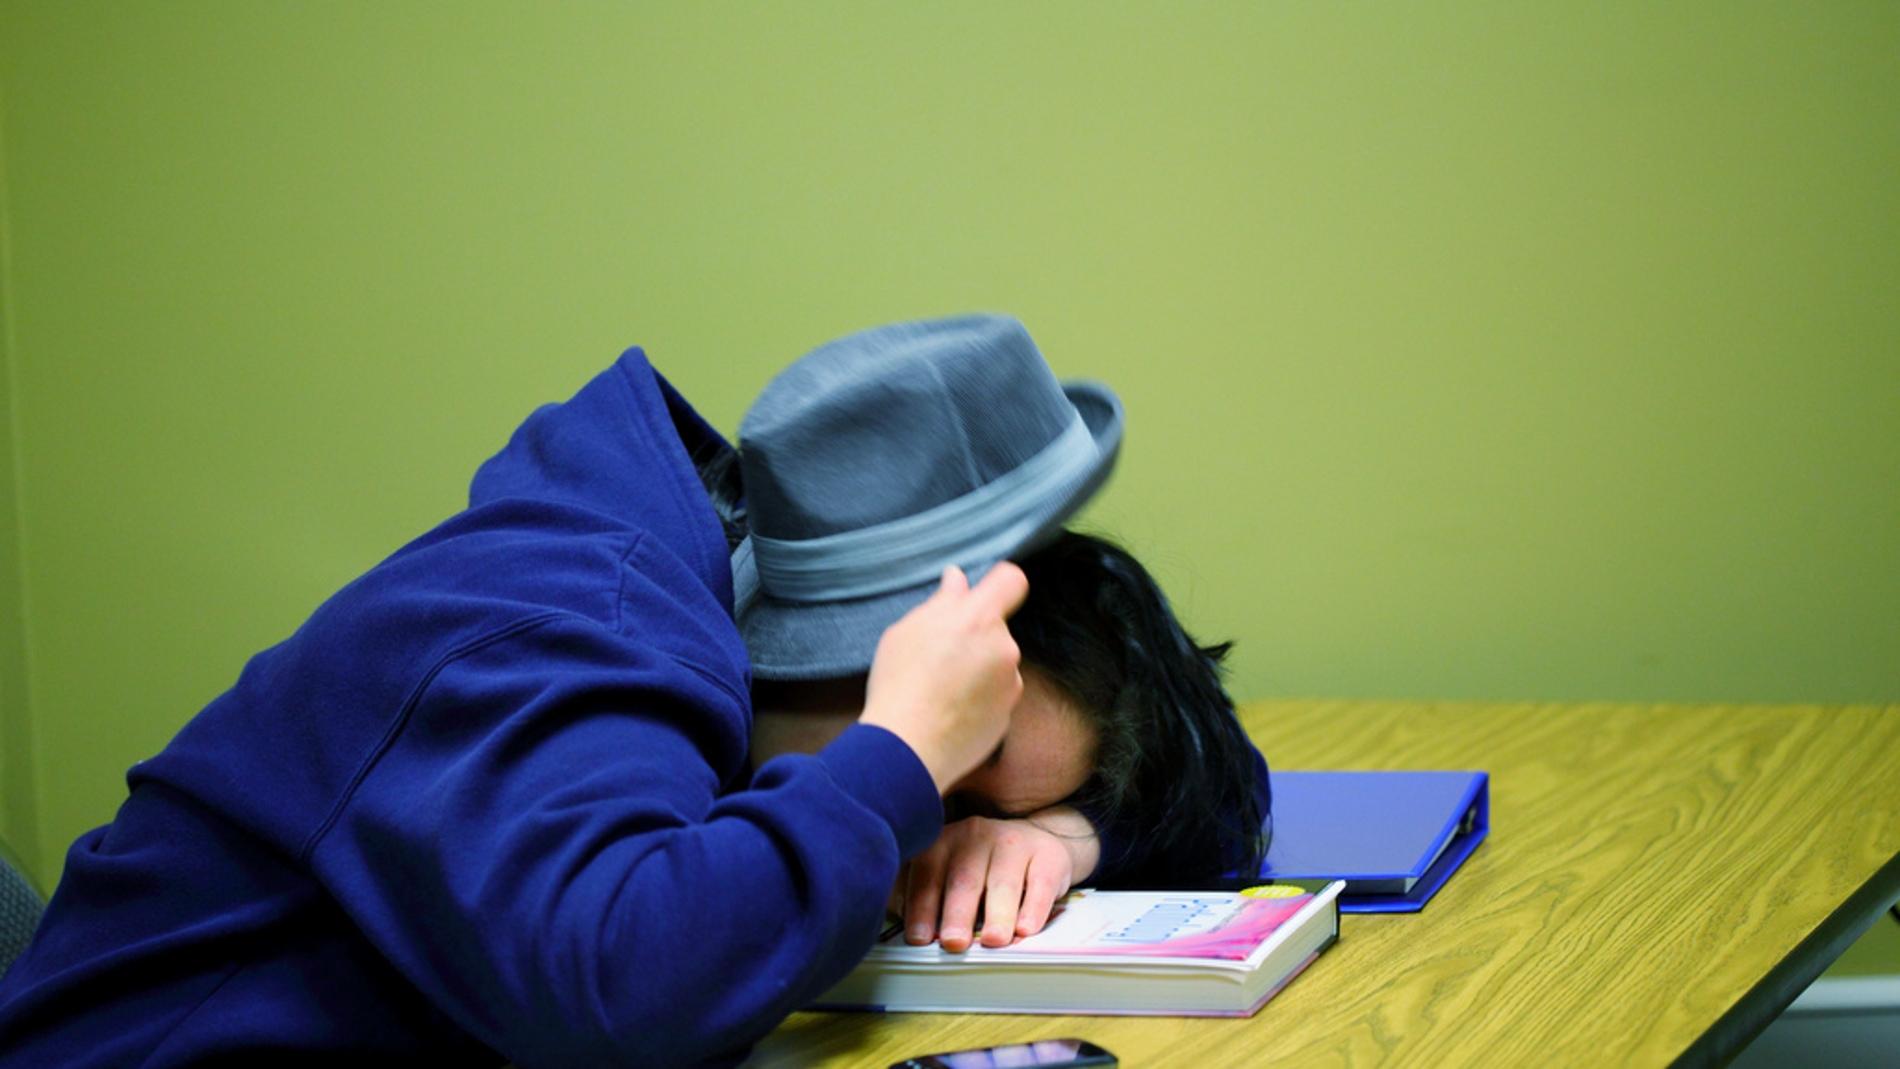 Los adolescentes duermen menos según cum